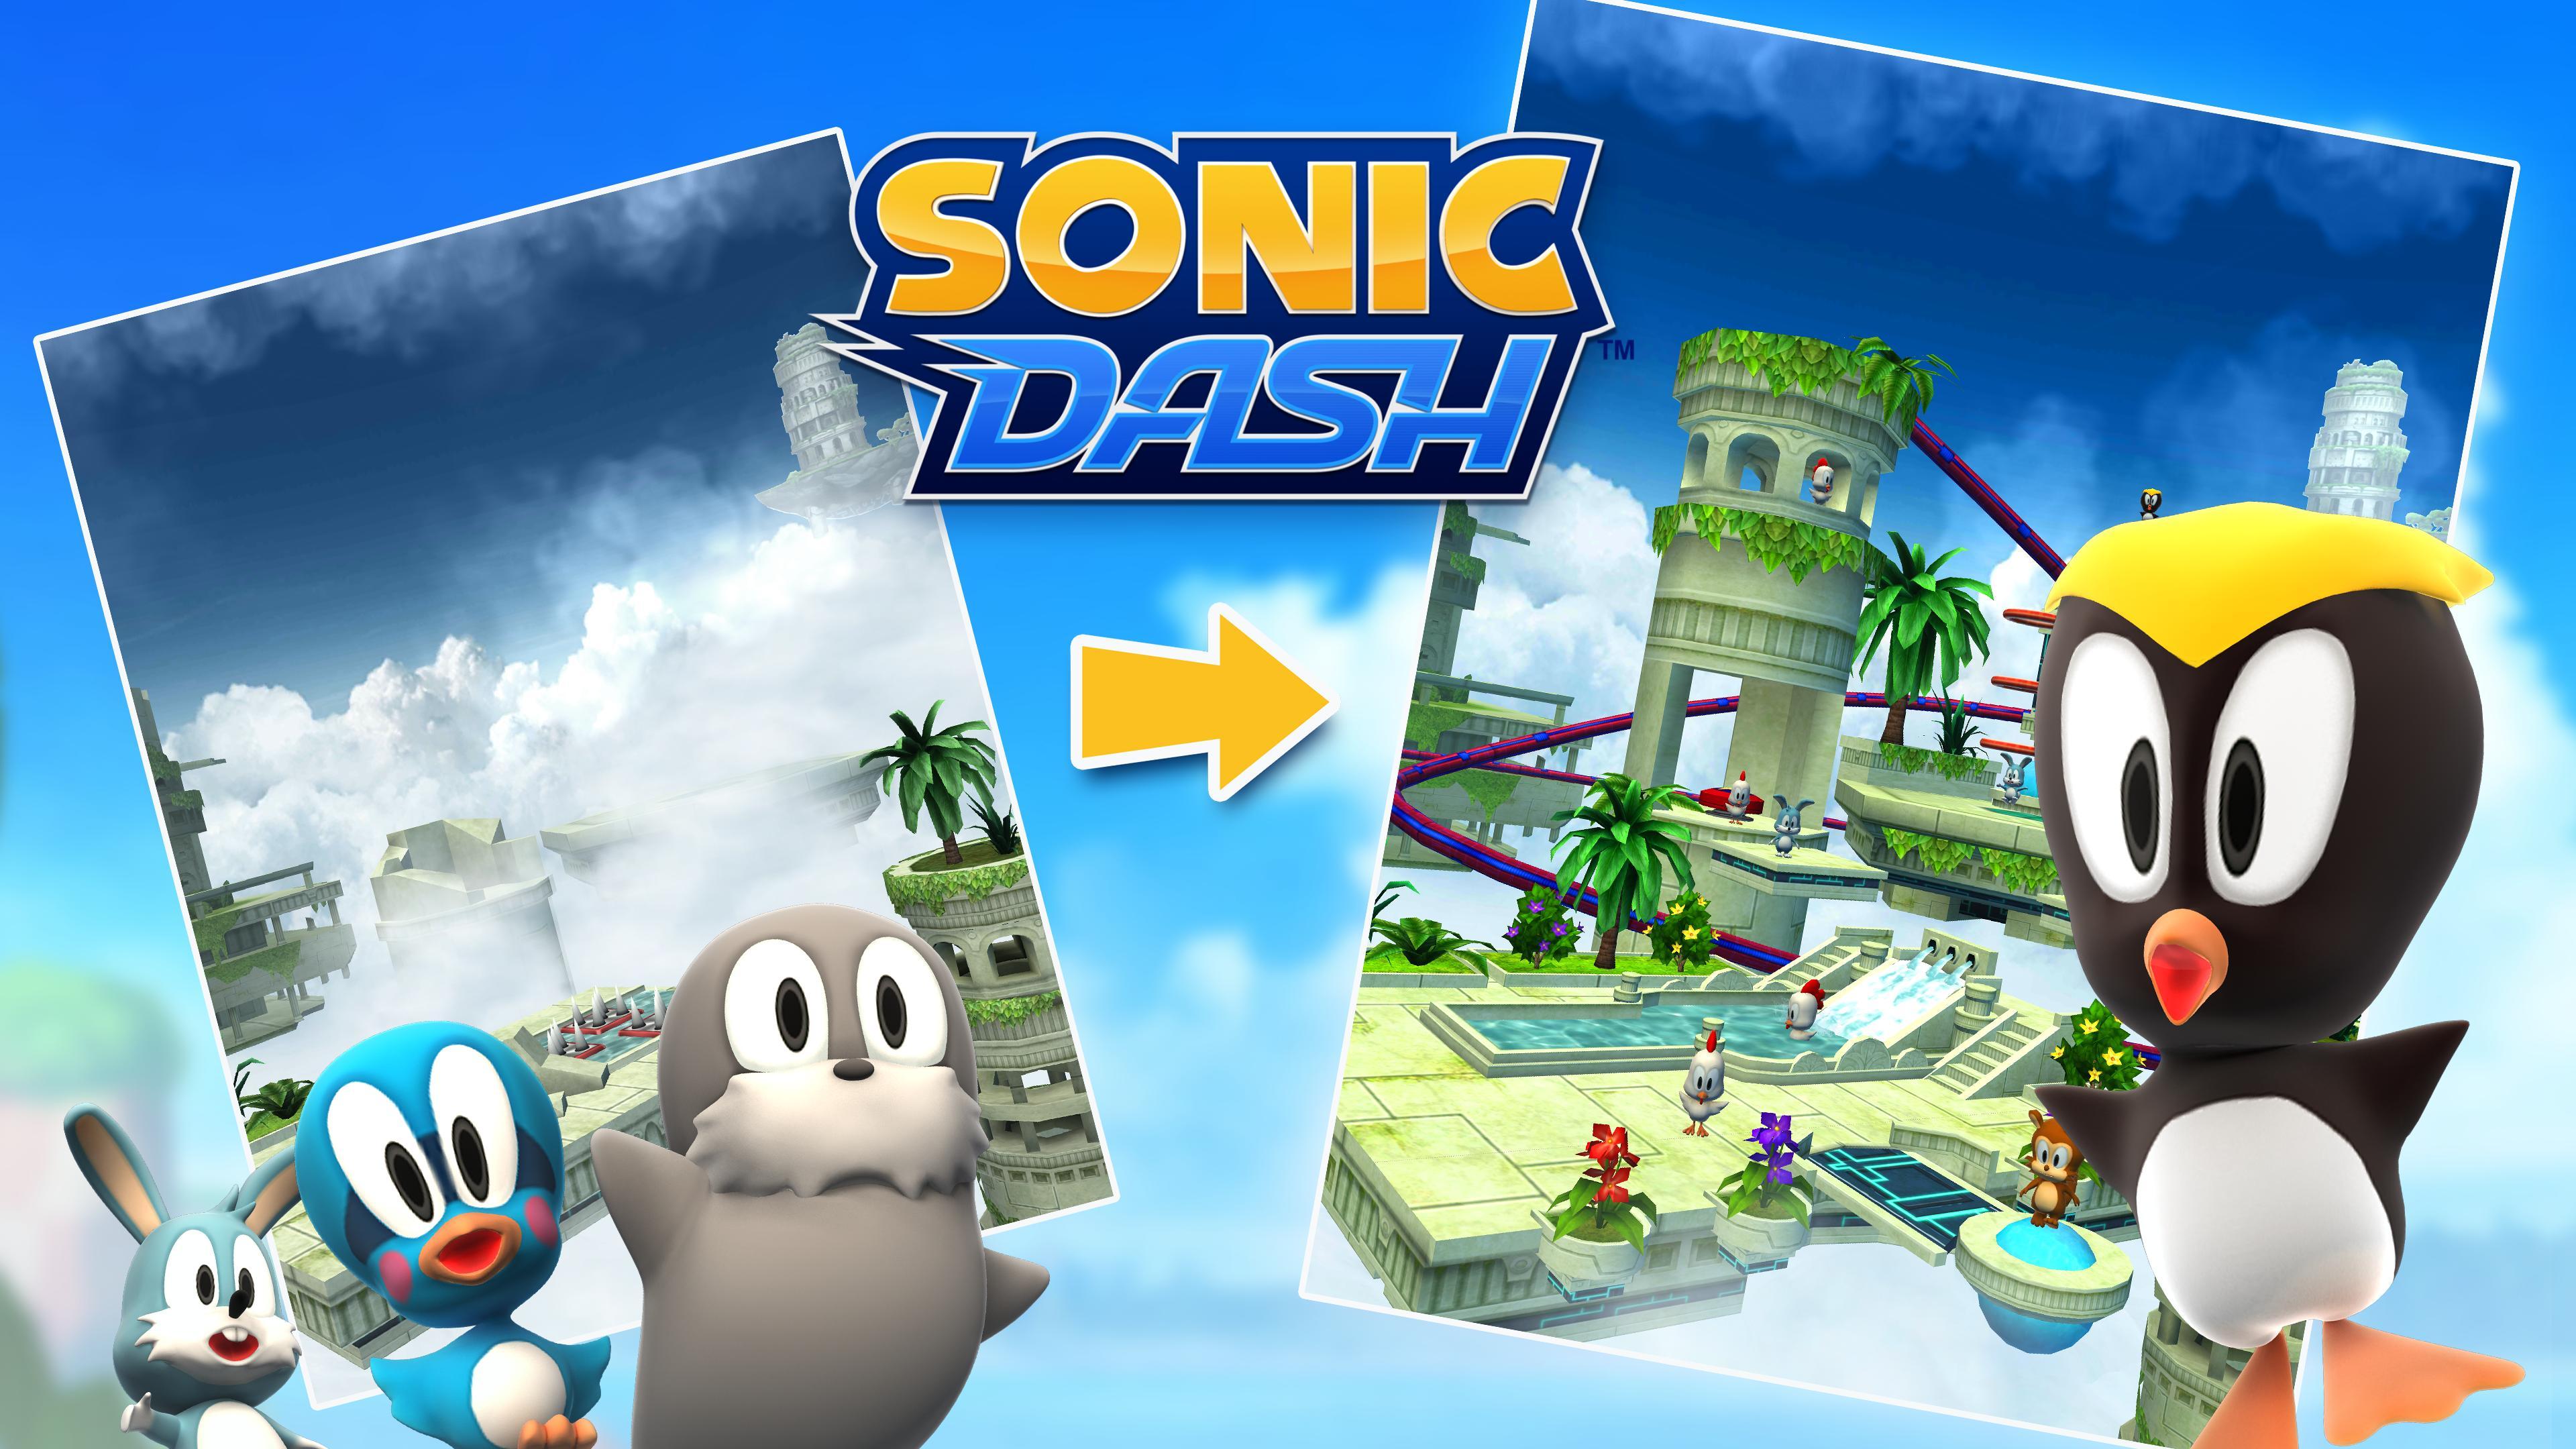 Скачать Sonic Mania на Андроид бесплатно | 2160x3840